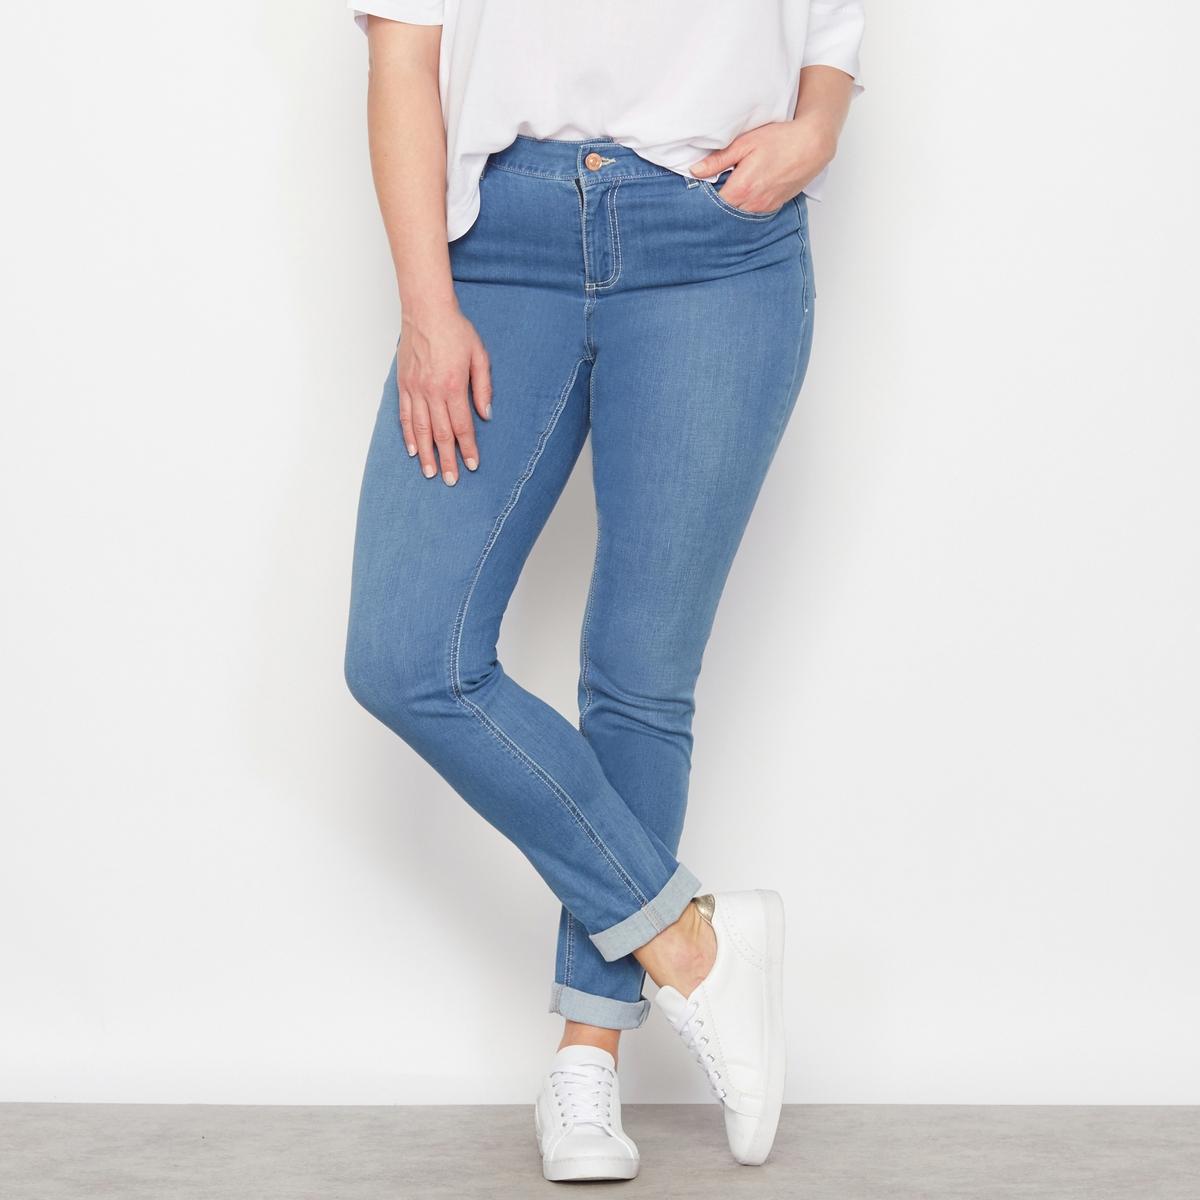 Джинсы Утончённый силуэт, длина по внутр. шву. 78 см.Джинсы стрейчевые зауженные Утончённый силуэт, по внутр. шву. 78 см. Из денима стрейч, 98% хлопка, 2% эластана. У вас небольшой рост, узкие бёдра и прямая фигура: эти джинсы буткат сами приспособятся к особенностям вашей фигуры, чтобы сделать вас неотразимой! Брючины заужены к низу. 5 карманов.Рост от  1м65 : длина по внутреннему шву 78 см, ширина по низу 15,5 см.<br><br>Цвет: голубой потертый,синий потертый,темно-синий,черный<br>Размер: 42 (FR) - 48 (RUS).44 (FR) - 50 (RUS).46 (FR) - 52 (RUS).54 (FR) - 60 (RUS).56 (FR) - 62 (RUS).58 (FR) - 64 (RUS).44 (FR) - 50 (RUS).58 (FR) - 64 (RUS).44 (FR) - 50 (RUS).48 (FR) - 54 (RUS).52 (FR) - 58 (RUS).44 (FR) - 50 (RUS).52 (FR) - 58 (RUS).54 (FR) - 60 (RUS)